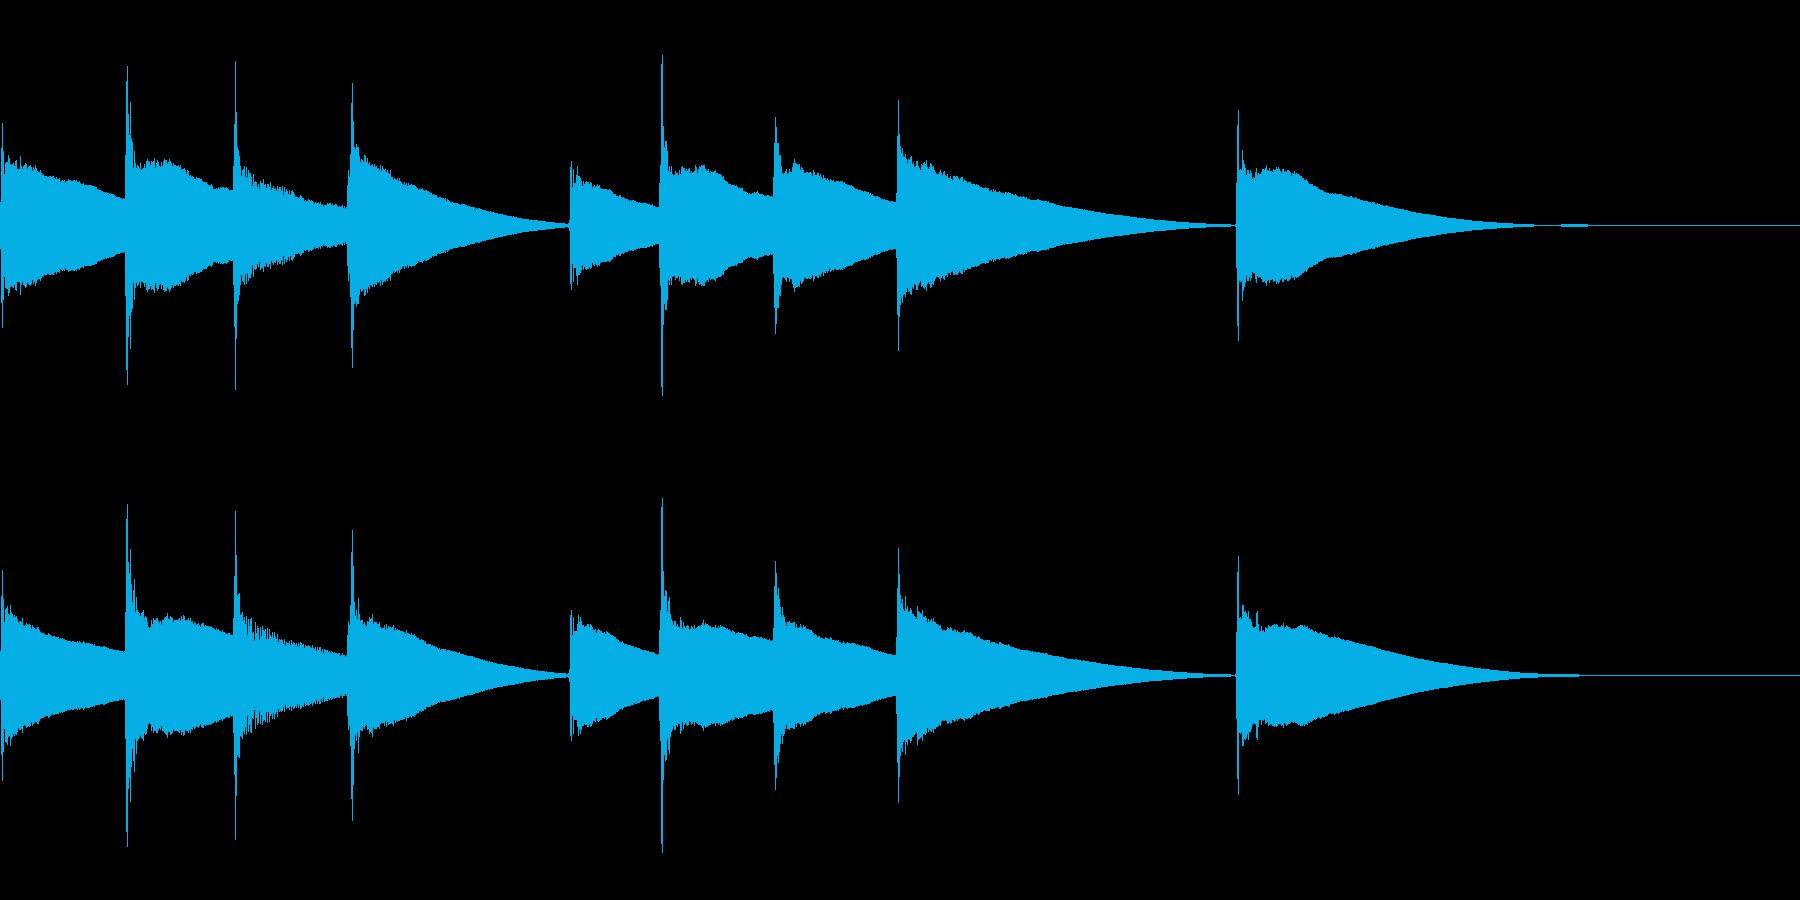 リズミカルな着信音の再生済みの波形